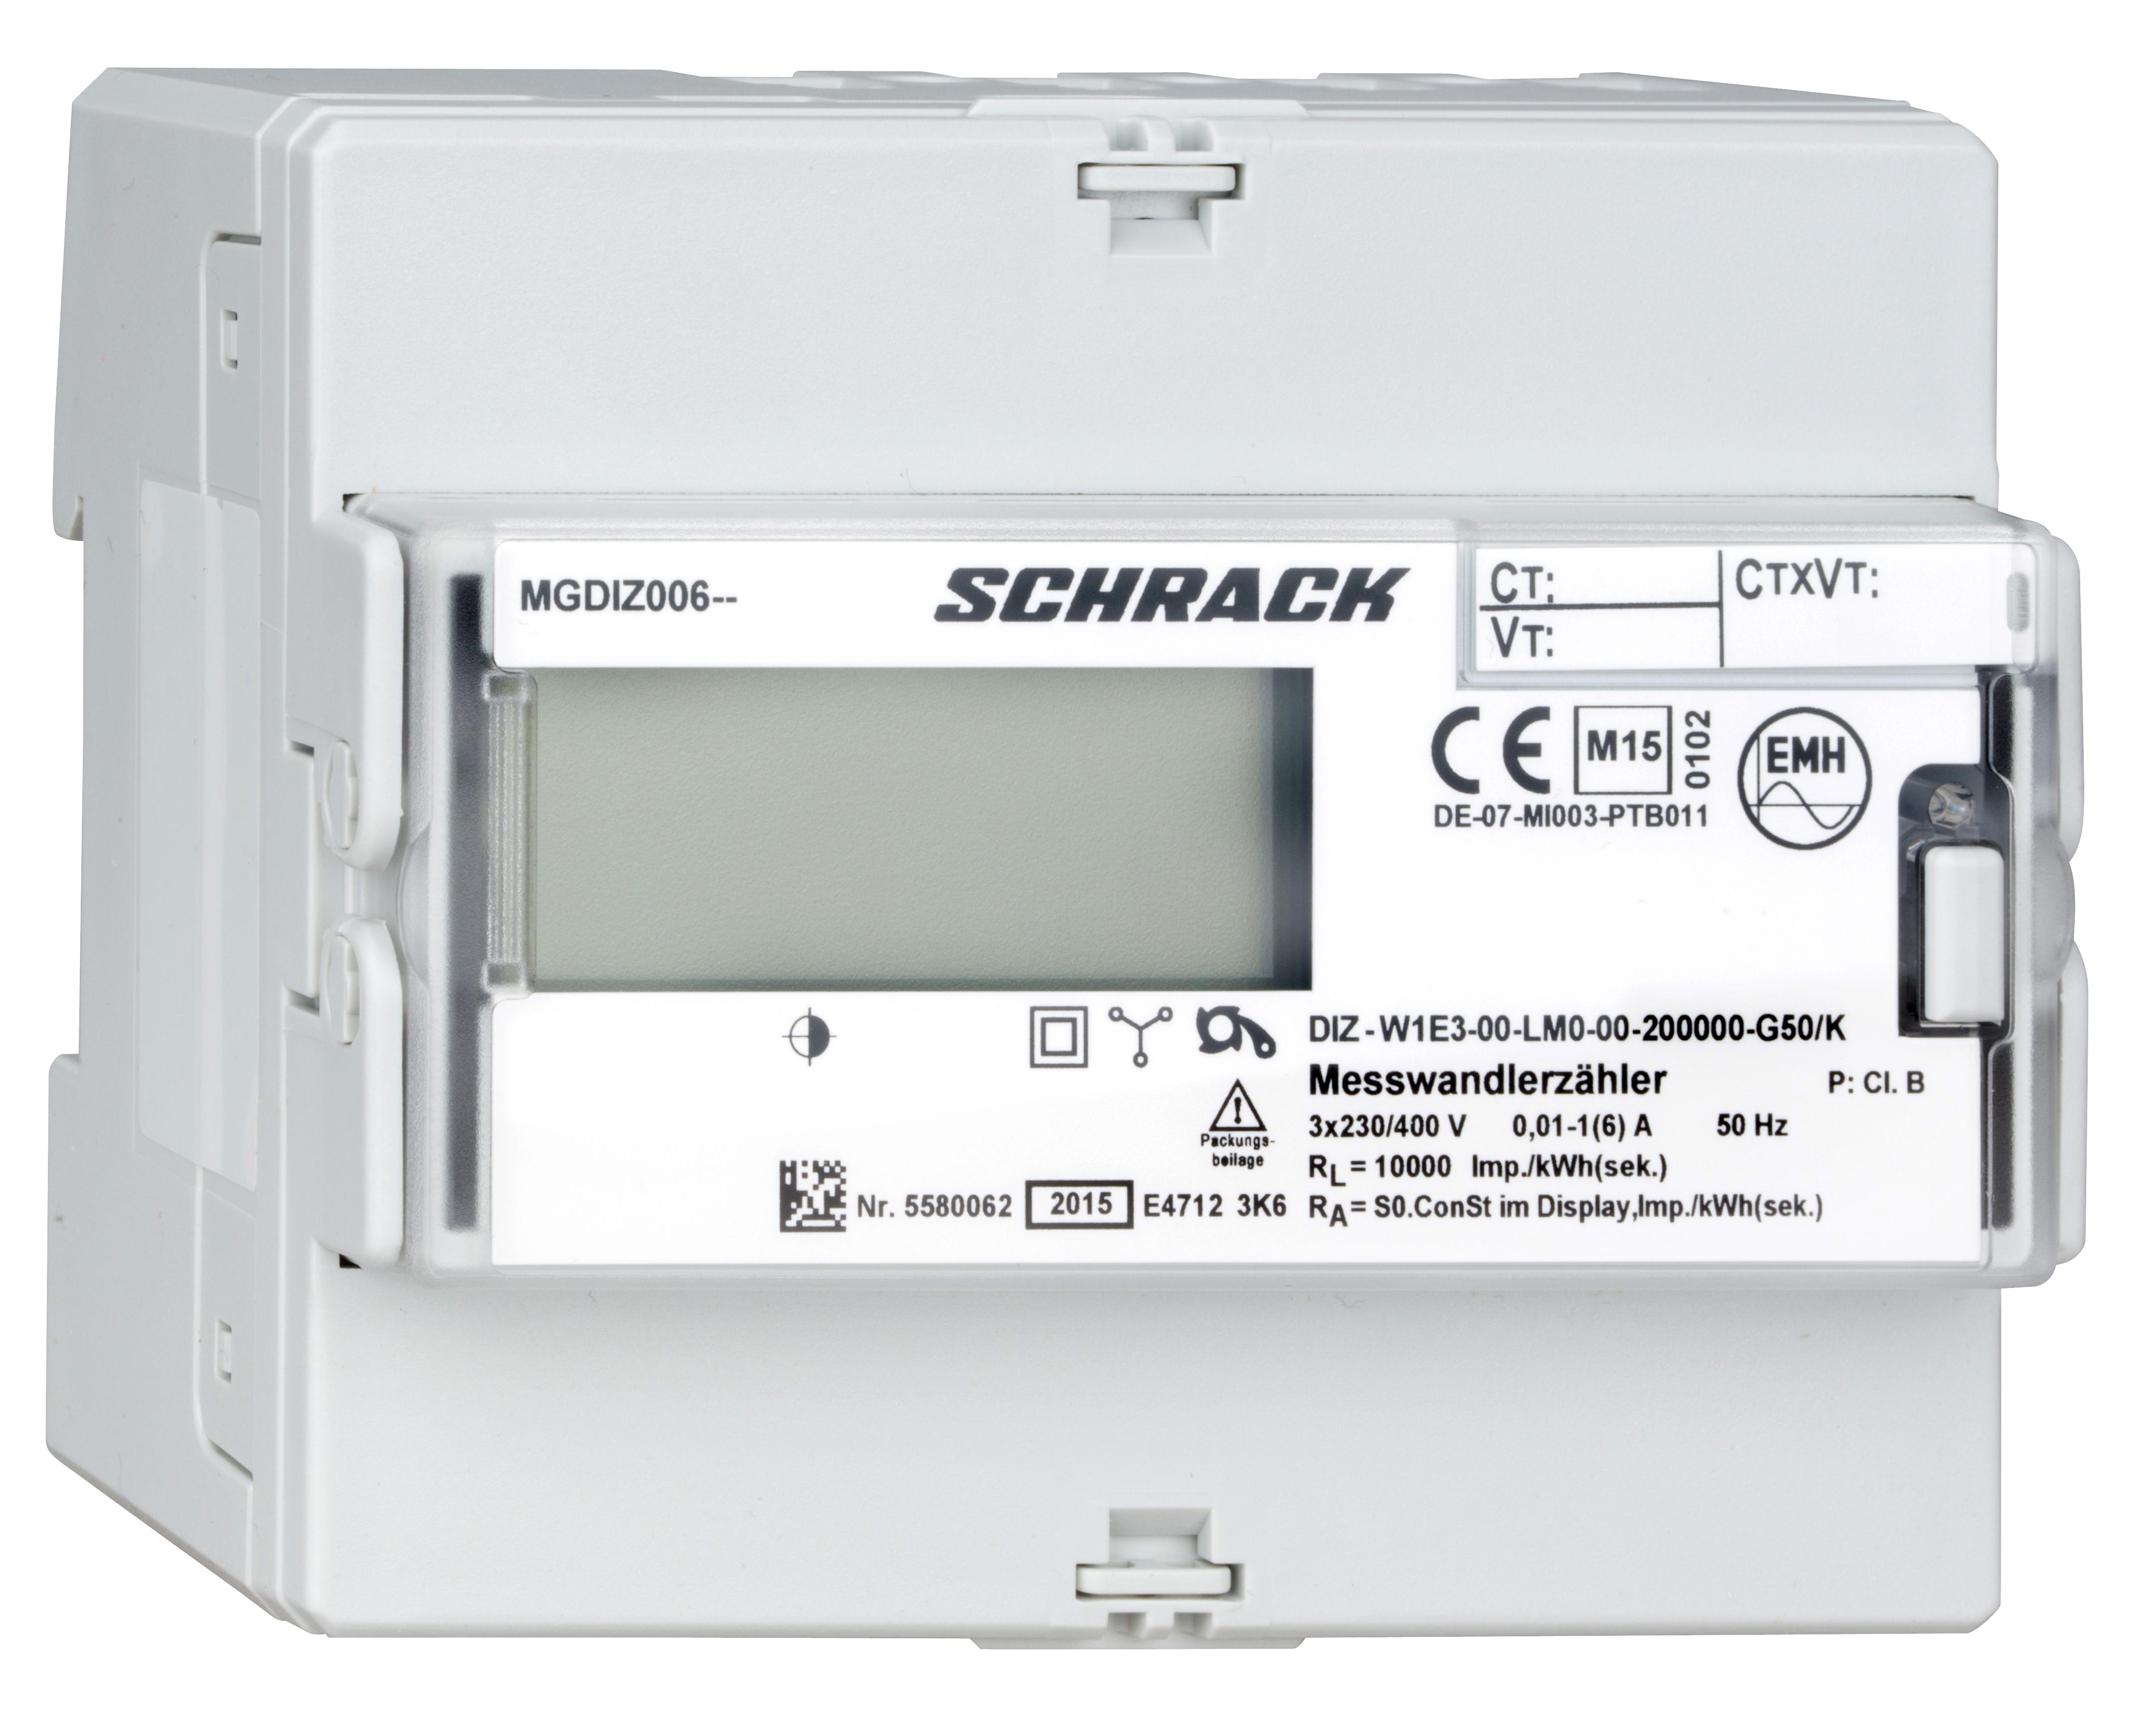 1 Stk Digitaler kWh-Zähler, 2 Tarif,Wandleranschluß 5A(6A),RE MGDIZ006-Z